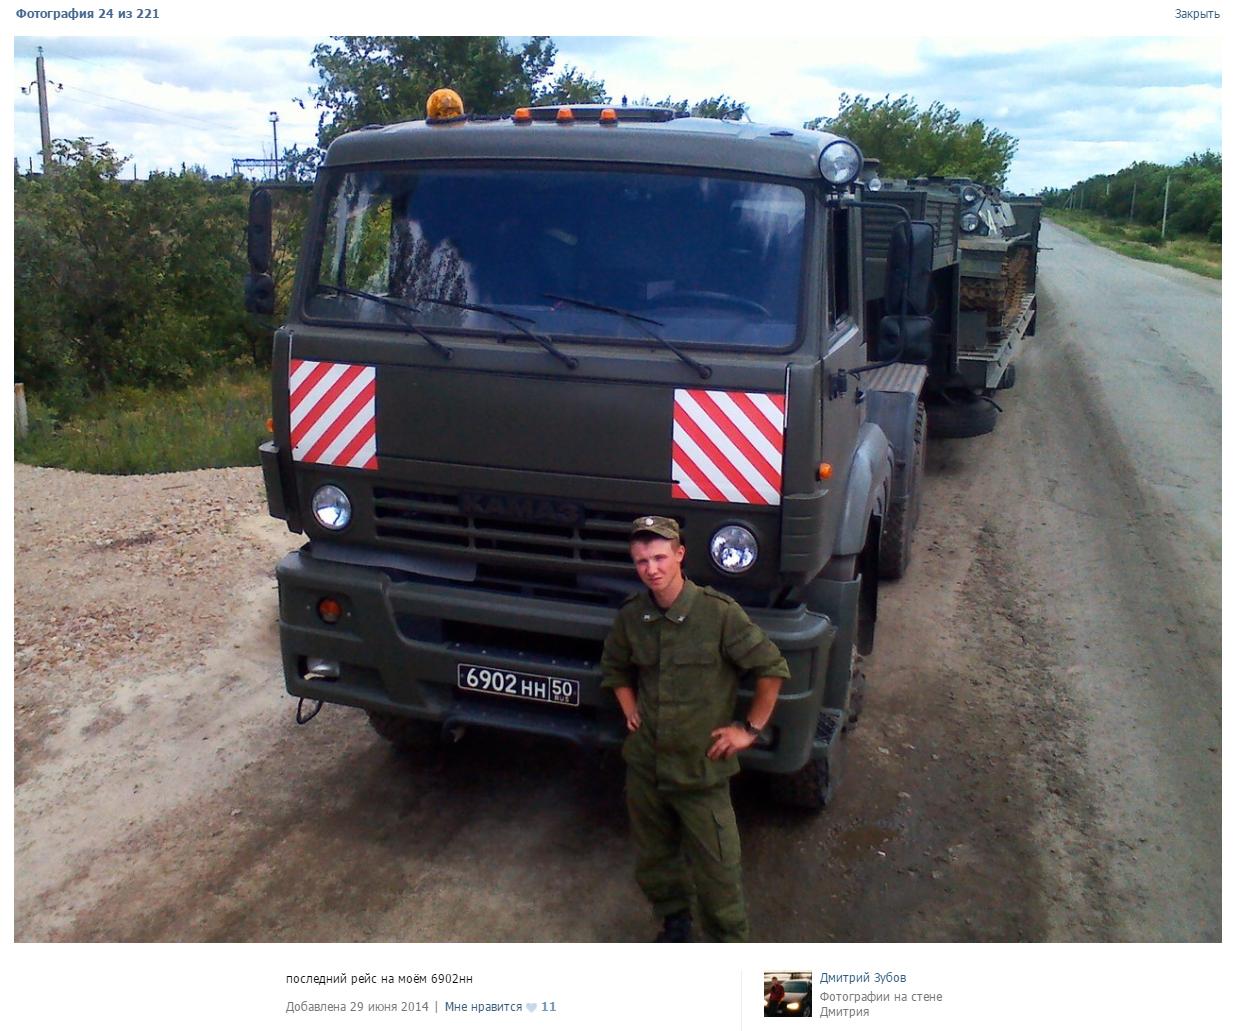 Украинские воины не покинут Широкино, пока террористы не прекратят обстрелы, - спикер АТО - Цензор.НЕТ 8519